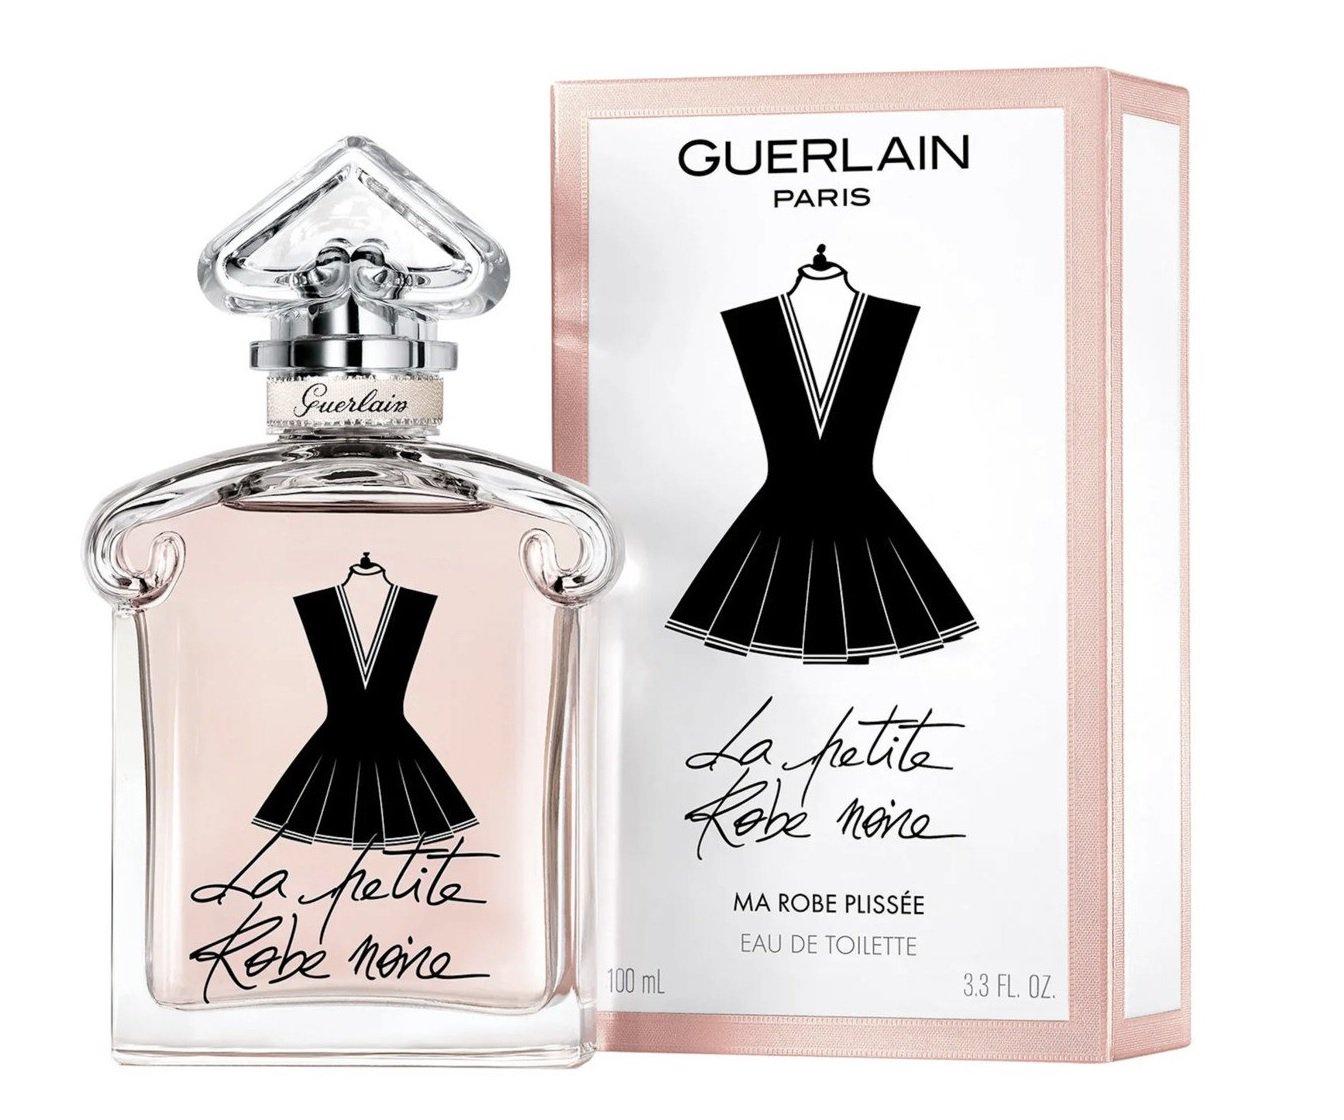 La Petite Parfums Plissee Noire GuerlainAchat Robe 9YDbH2eWIE